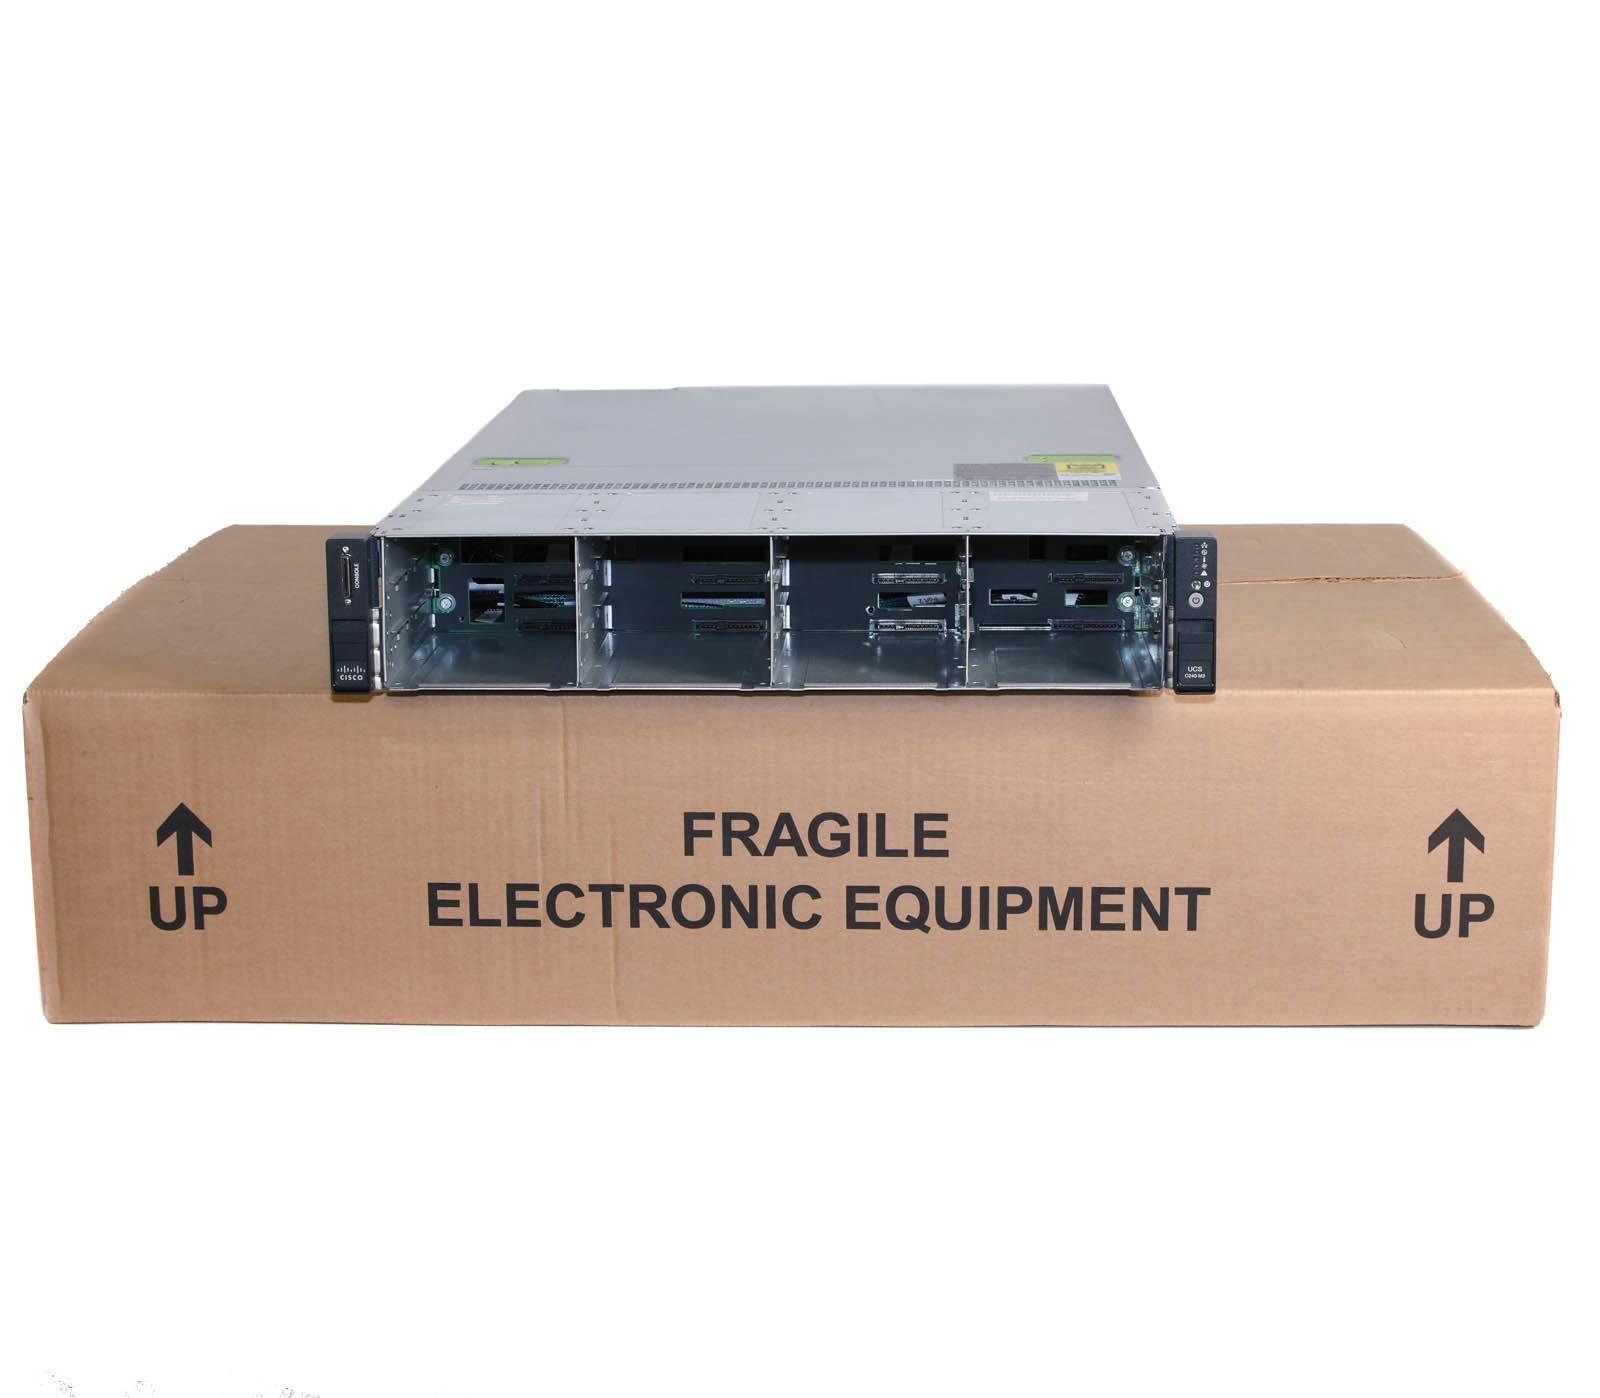 84537-UCSC-C240-M3L_37704_base